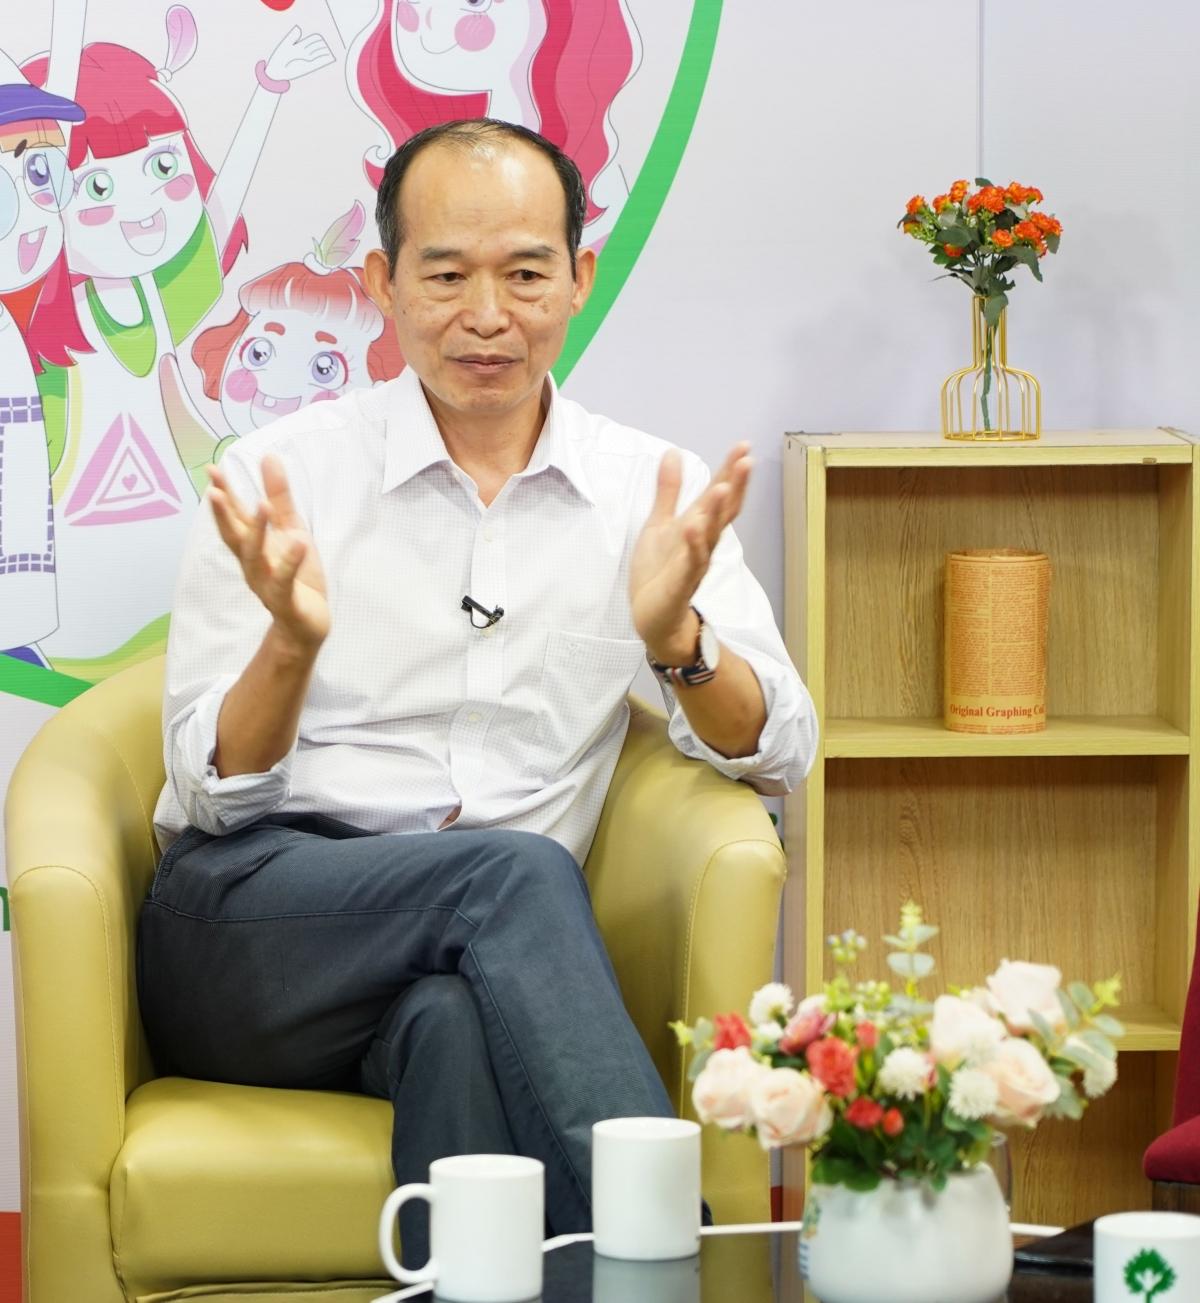 PGS.TS Lê Văn Hảo- chuyên gia tâm lý cho rằng cha mẹ cần hiểu con mới có thể hỗ trợ được cho con.